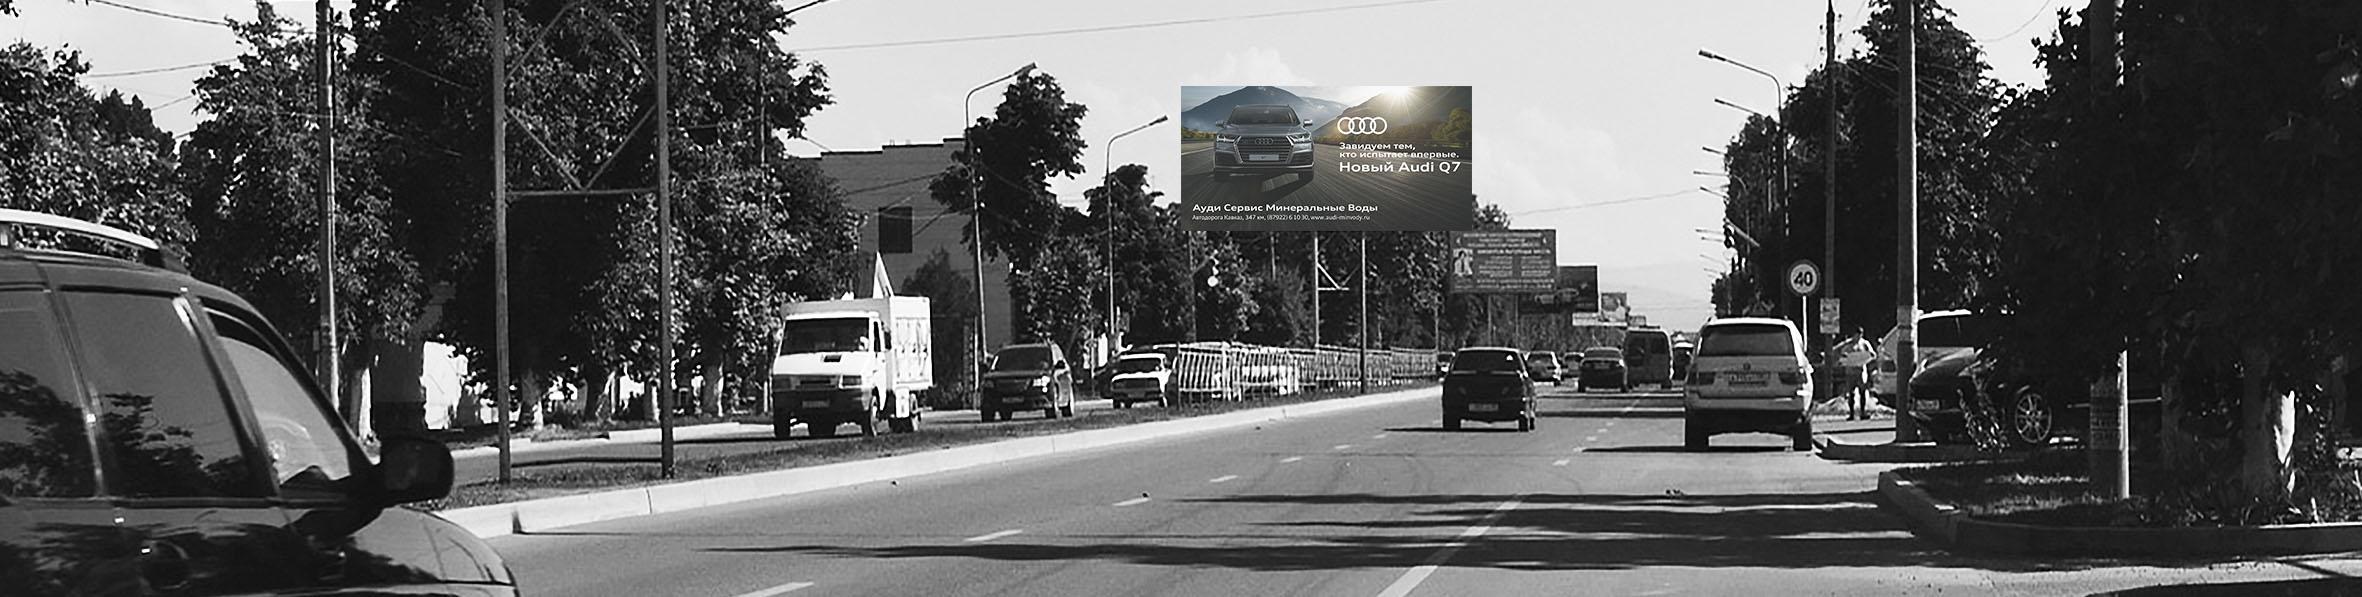 наружная реклама Черкеск